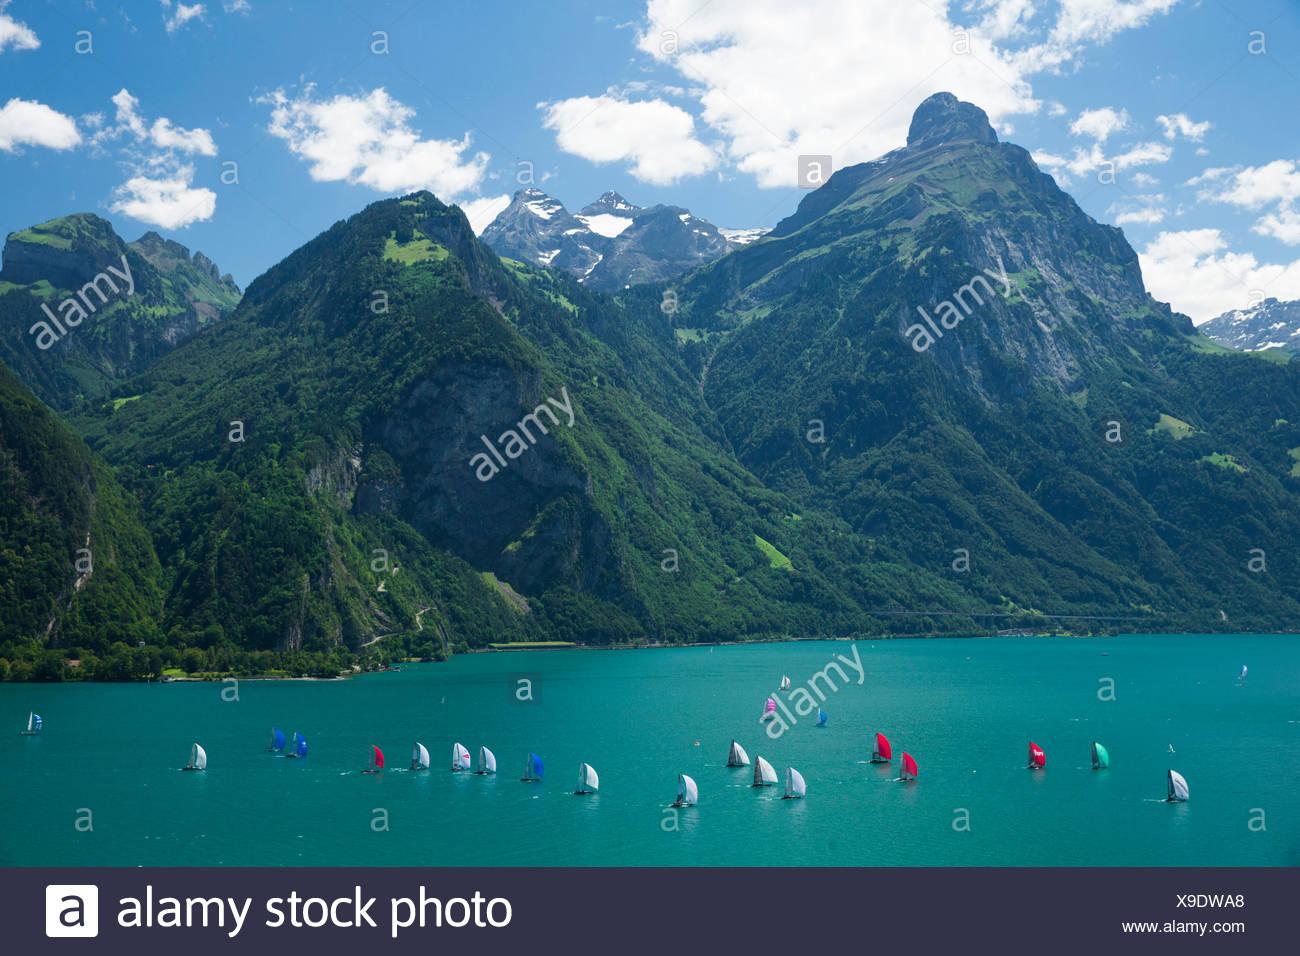 Lake Uri, yachting, regatta, Vierwaldstättersee, Lake Lucerne, sailing, sailboat, Water sport, Switzerland, Europe, - Stock Image